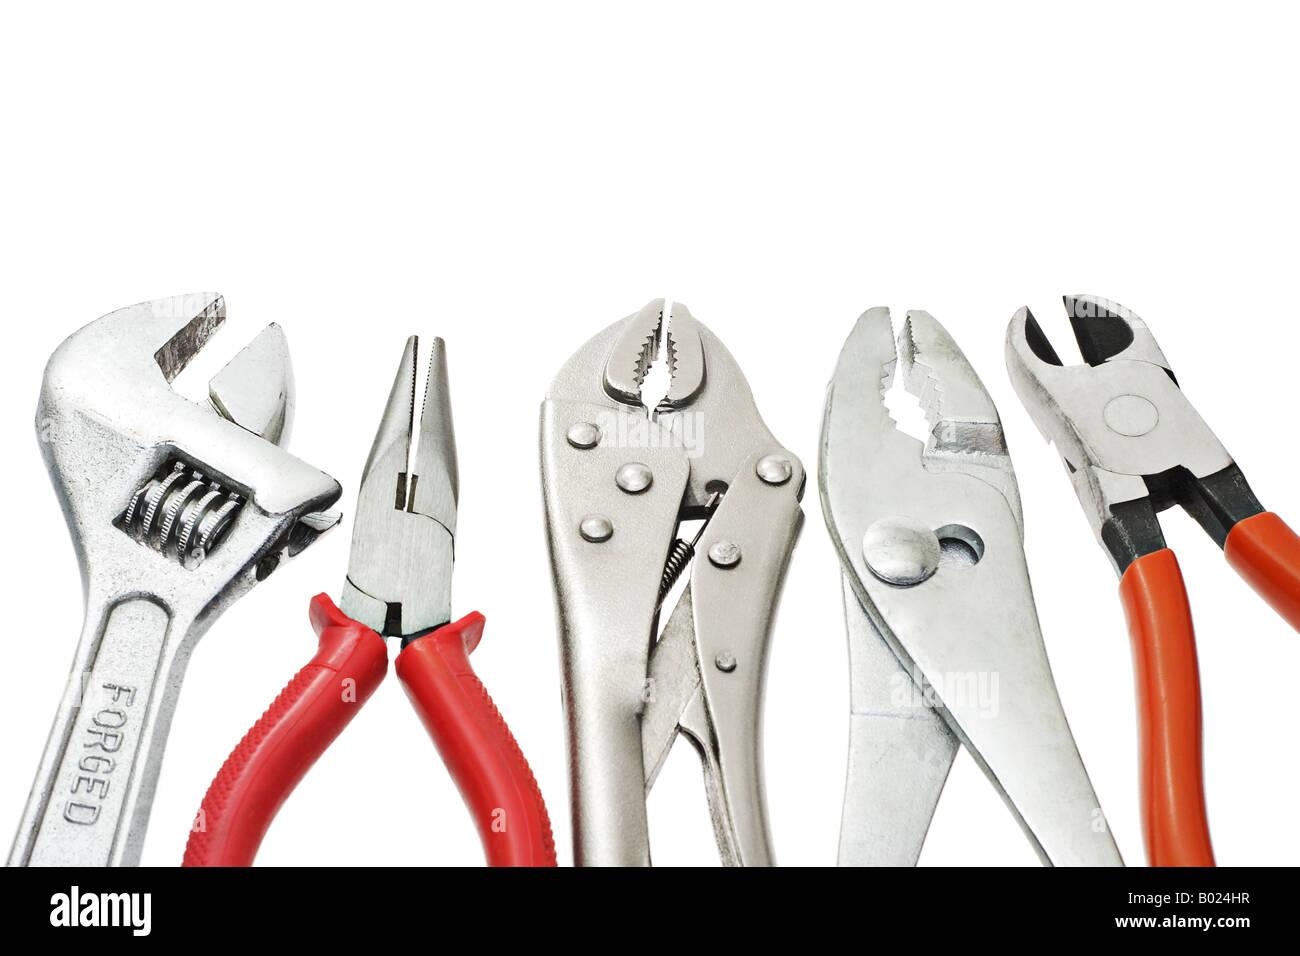 Heimwerker Werkzeuge auf weißem Hintergrund angeordnet Stockbild